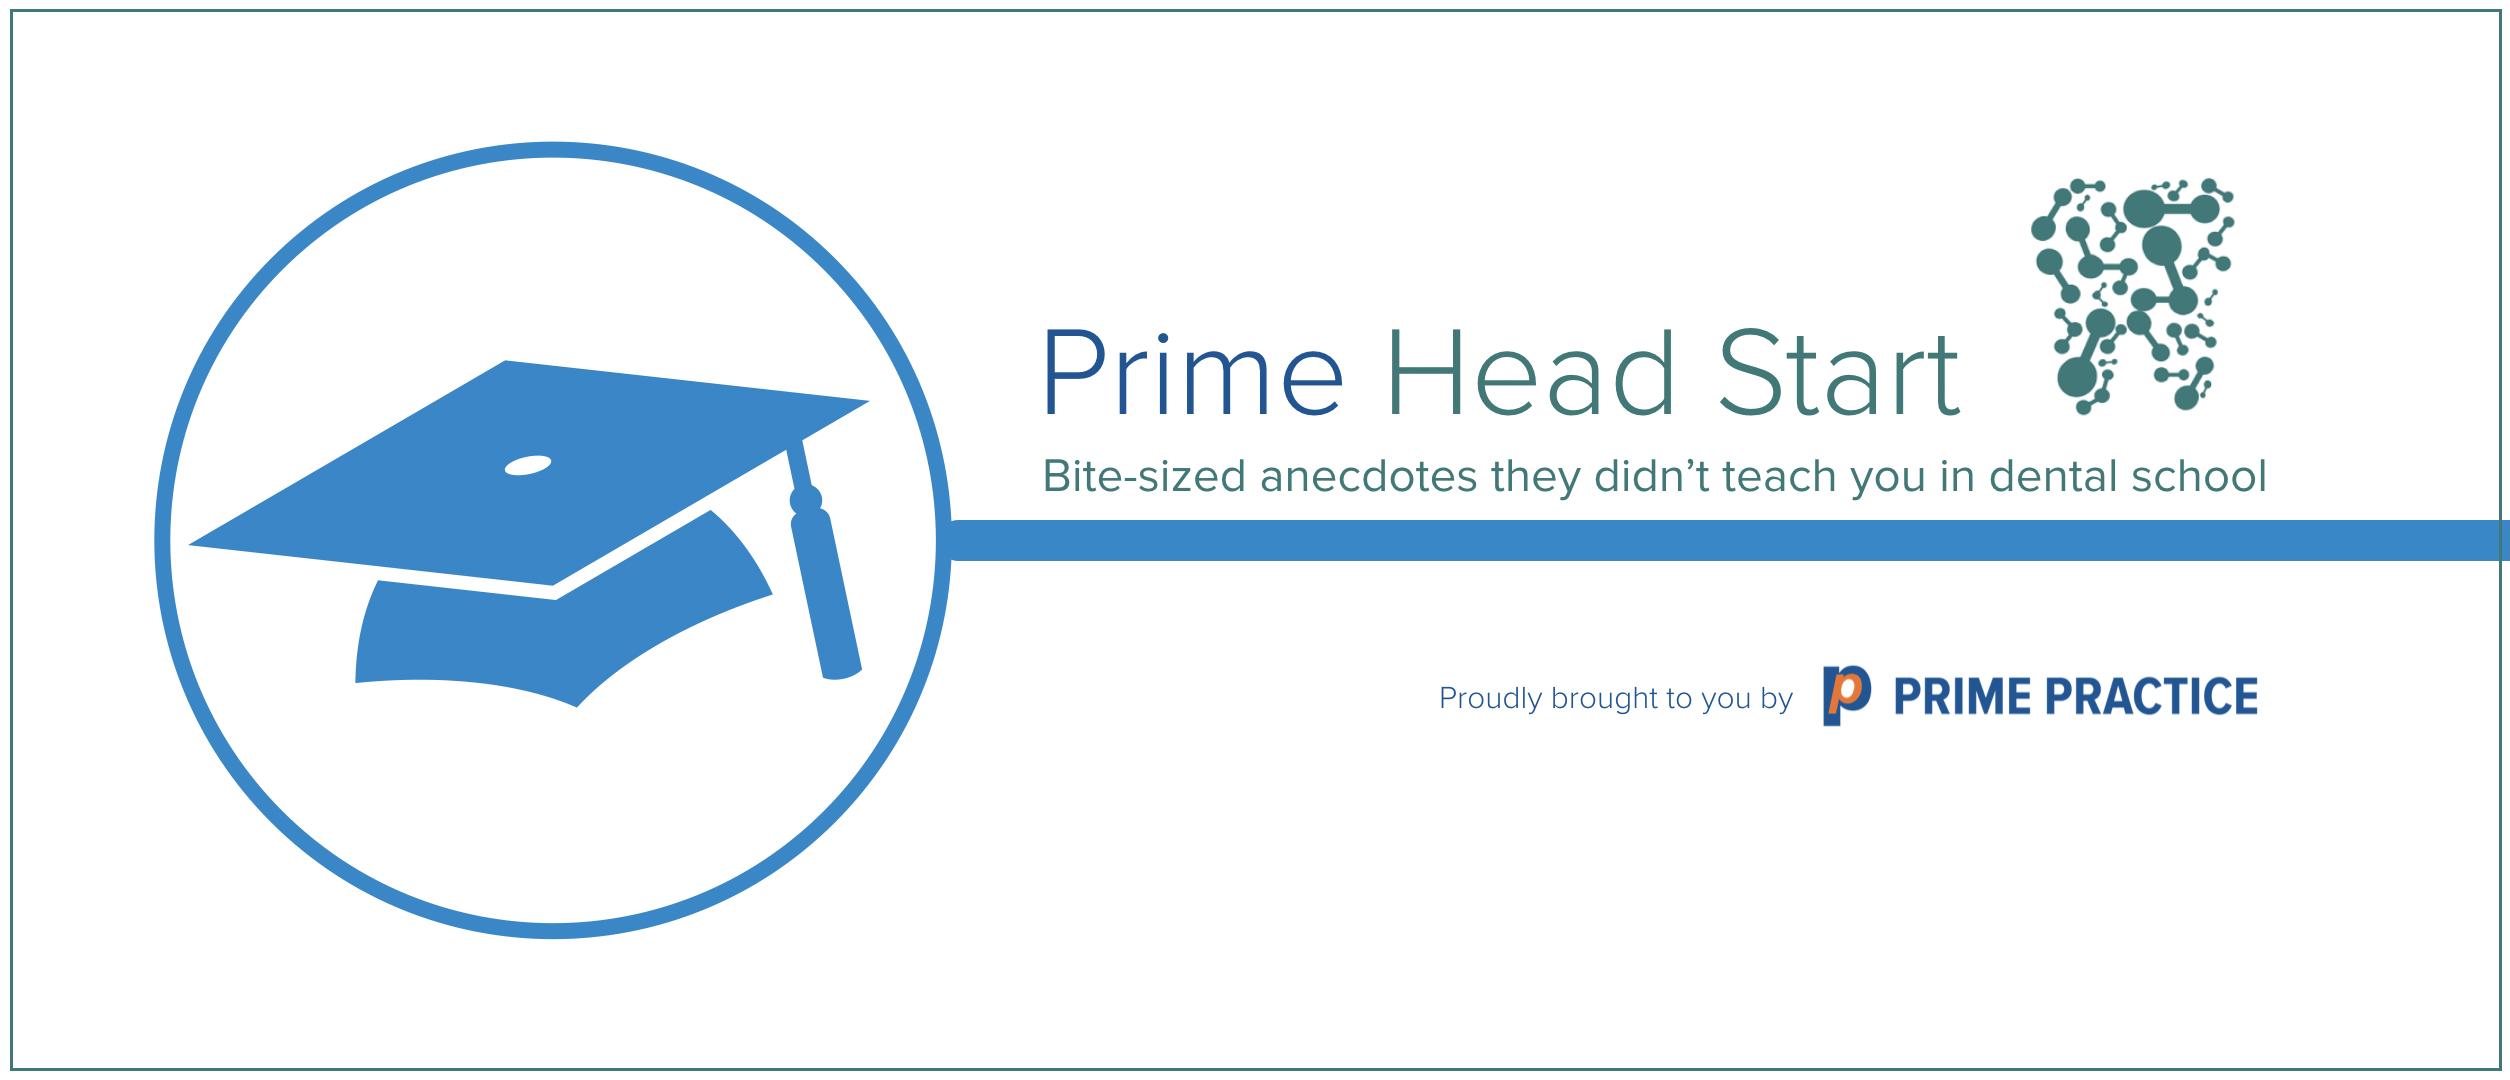 Prime-Head-Start-hero-banner